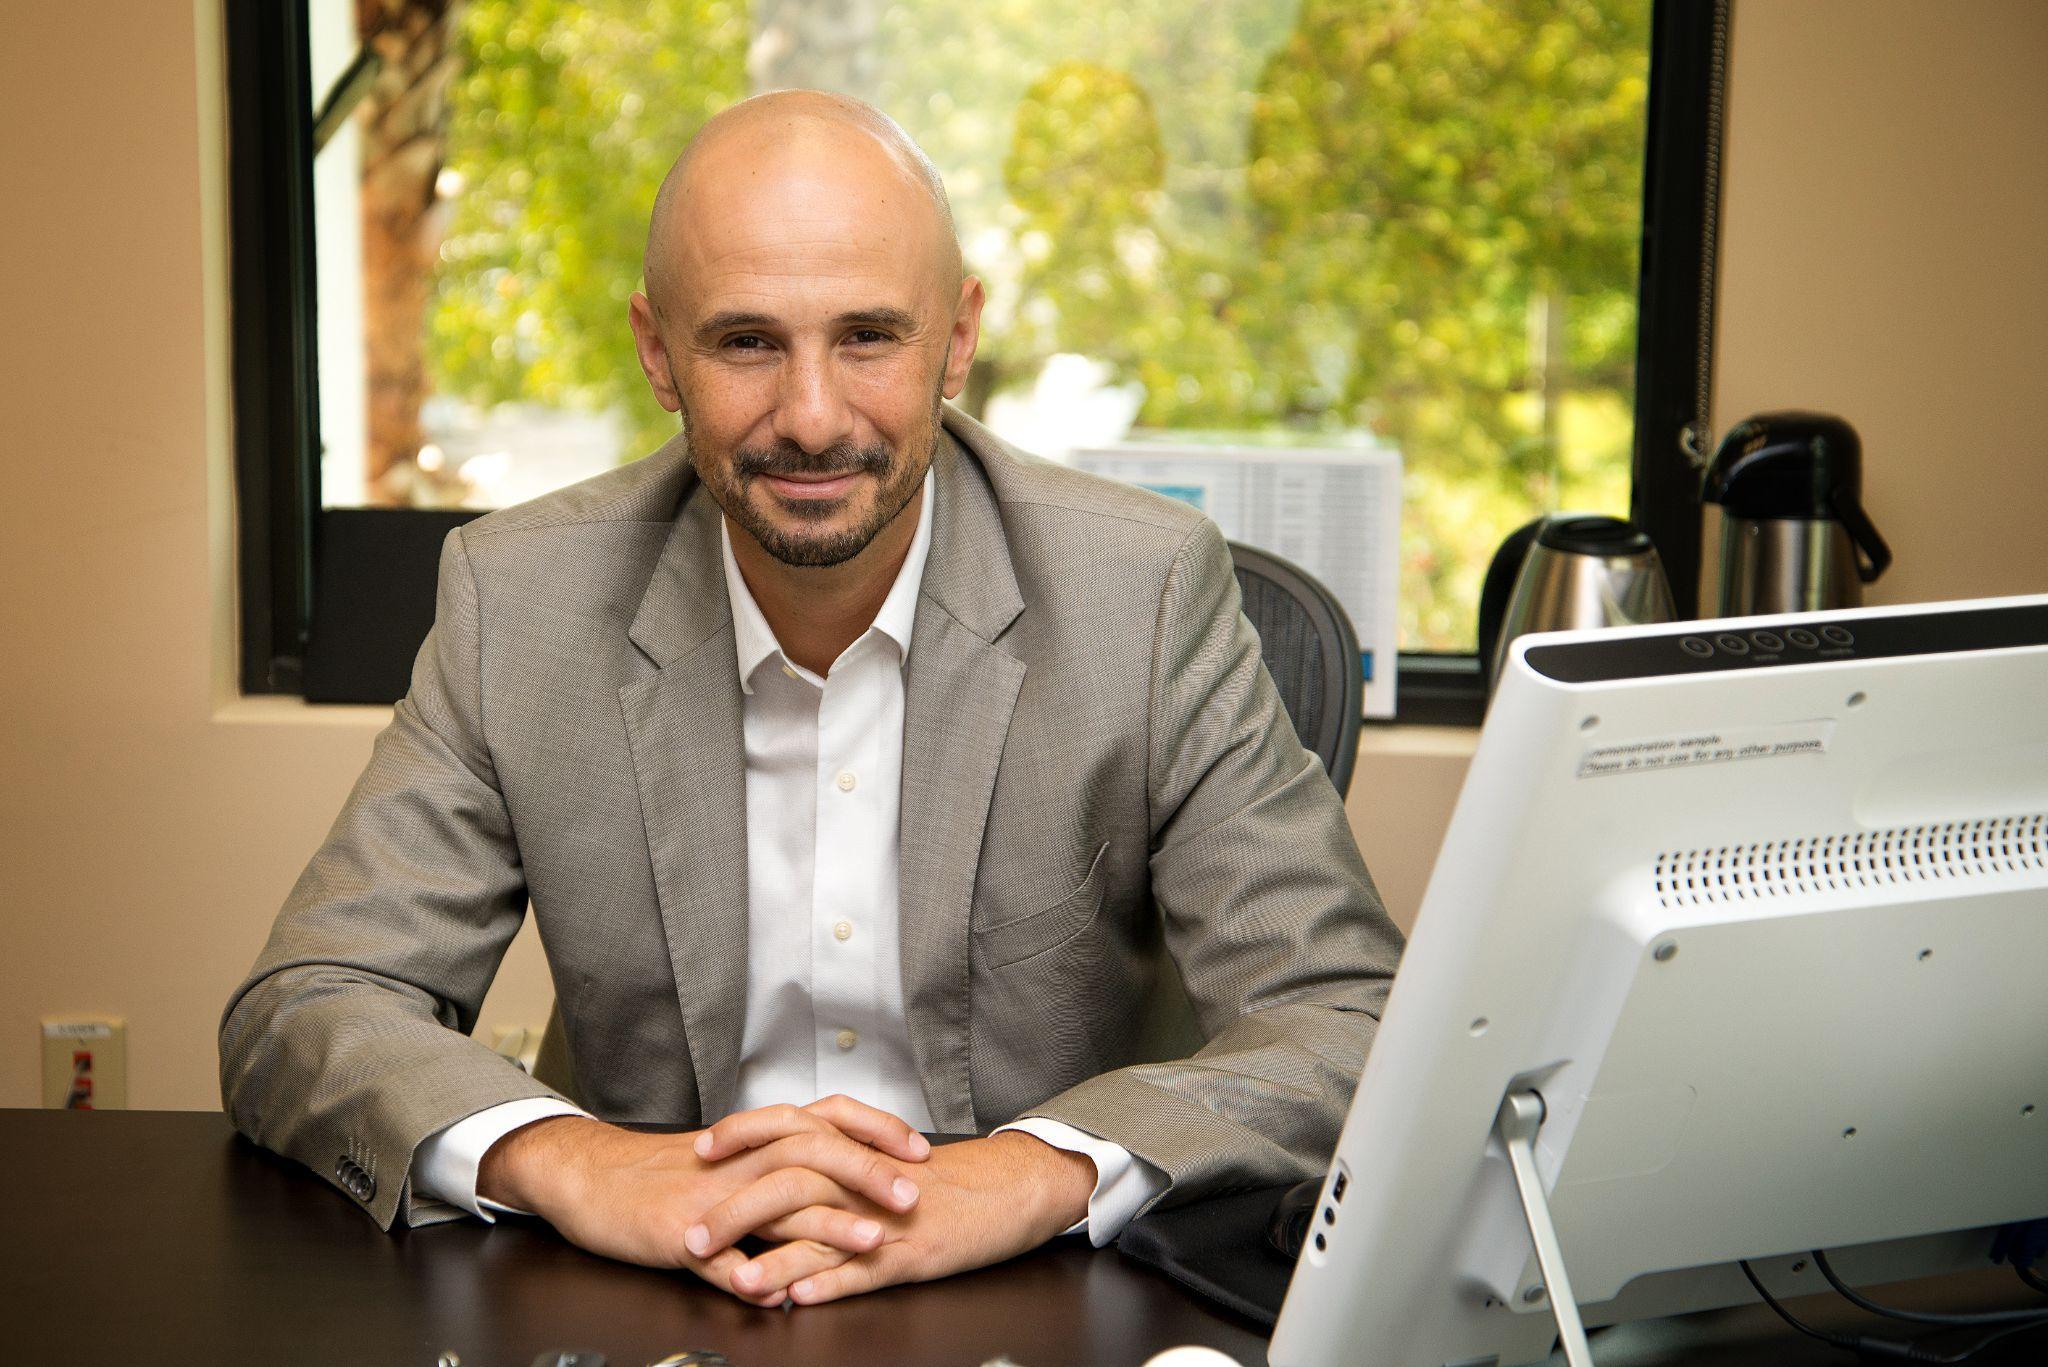 Diego Imperio, Presidente & CEO de Ricoh Latin America. / Foto: Cortesía de Ricoh.